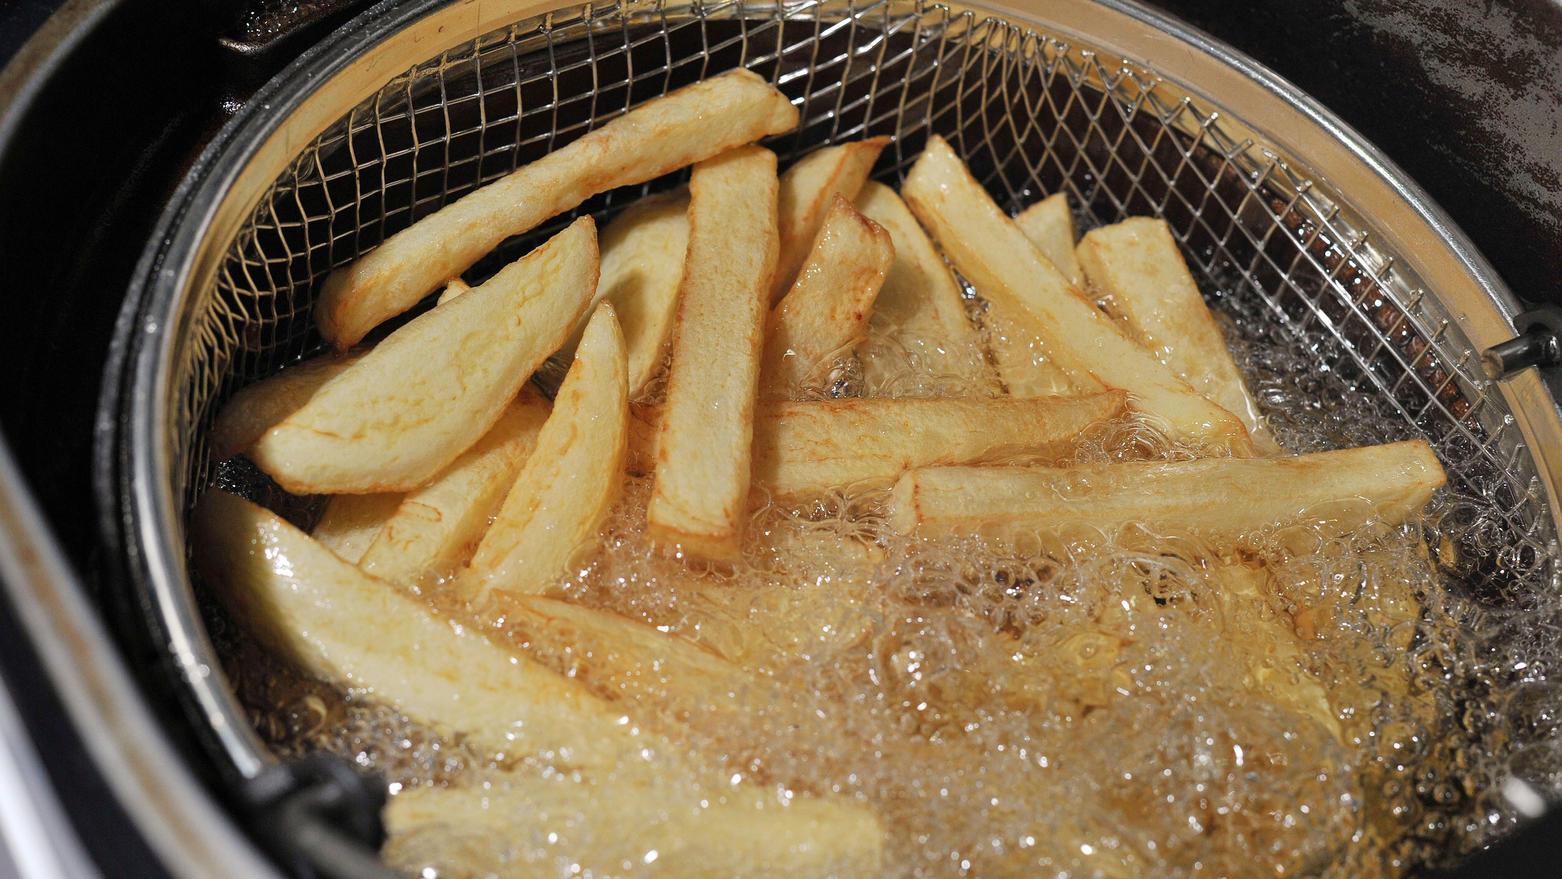 friteuse fett